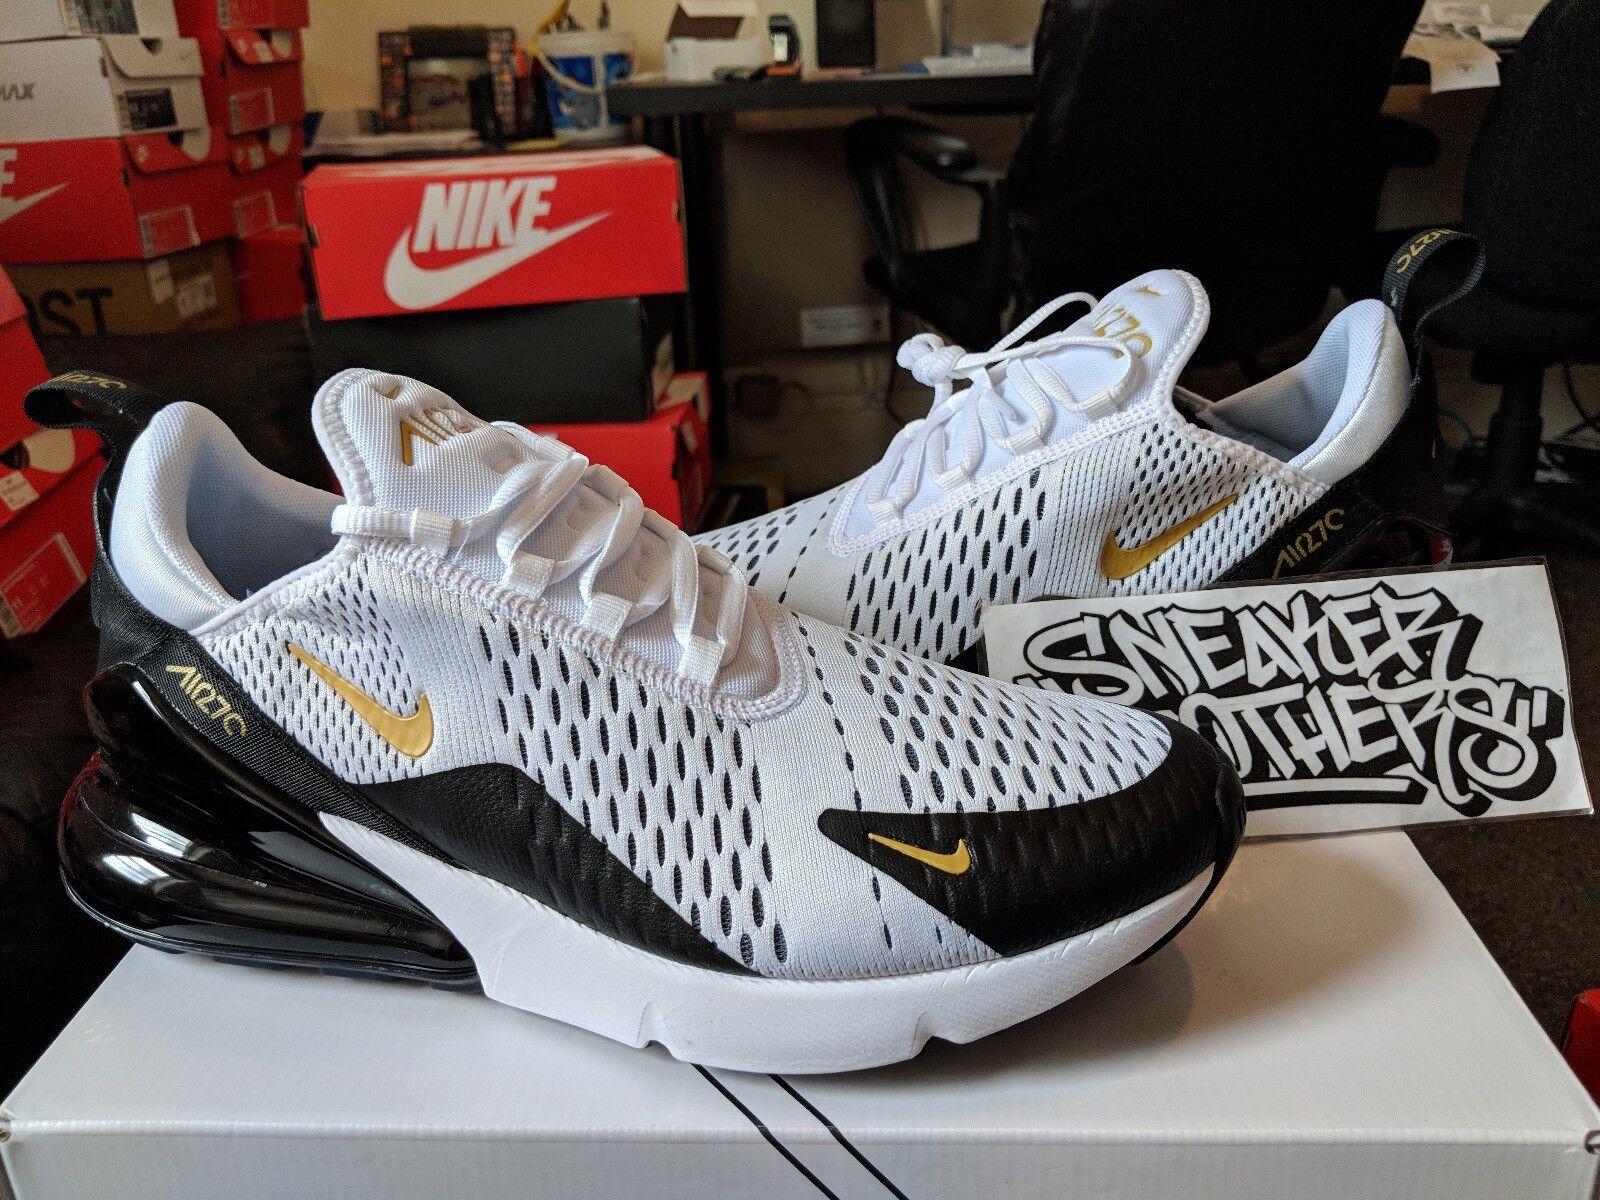 Nike Air Max 270 White Metallic Gold Black Running Men's Trainer AV7892-100 Cheap women's shoes women's shoes